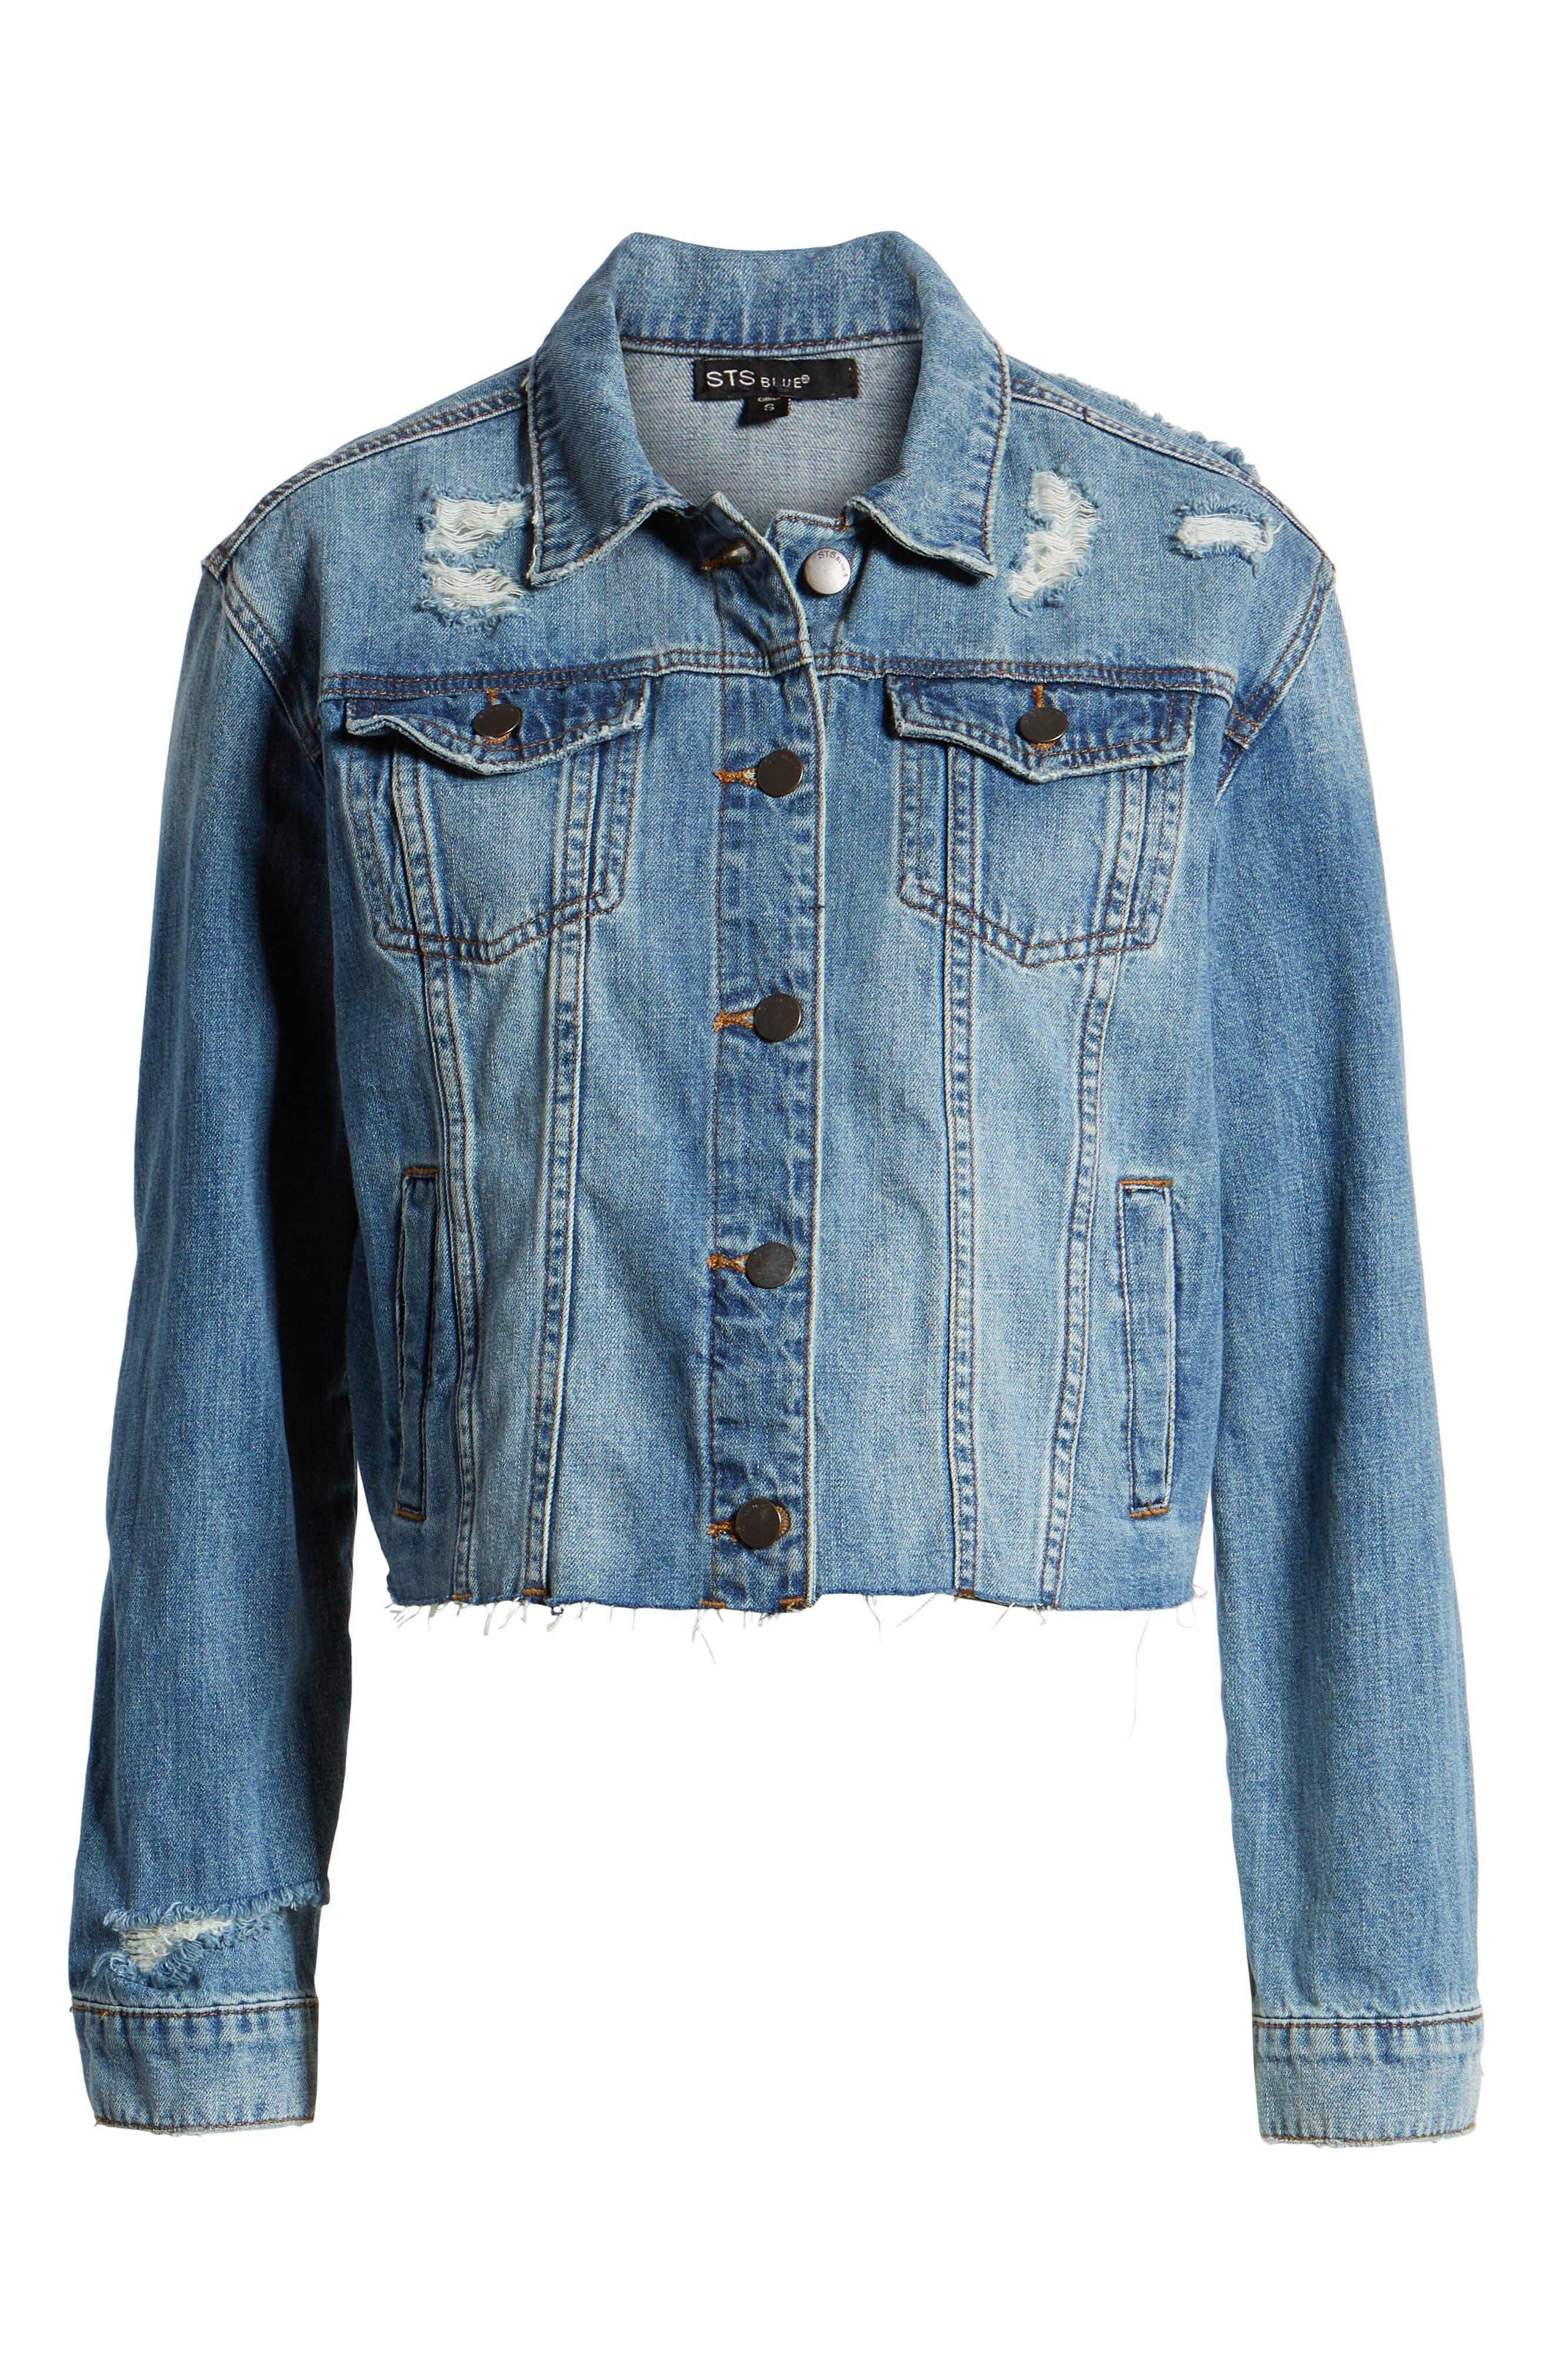 STS BLUE, Boyfriend Crop Denim Jacket, Alternate thumbnail 6, color, 400